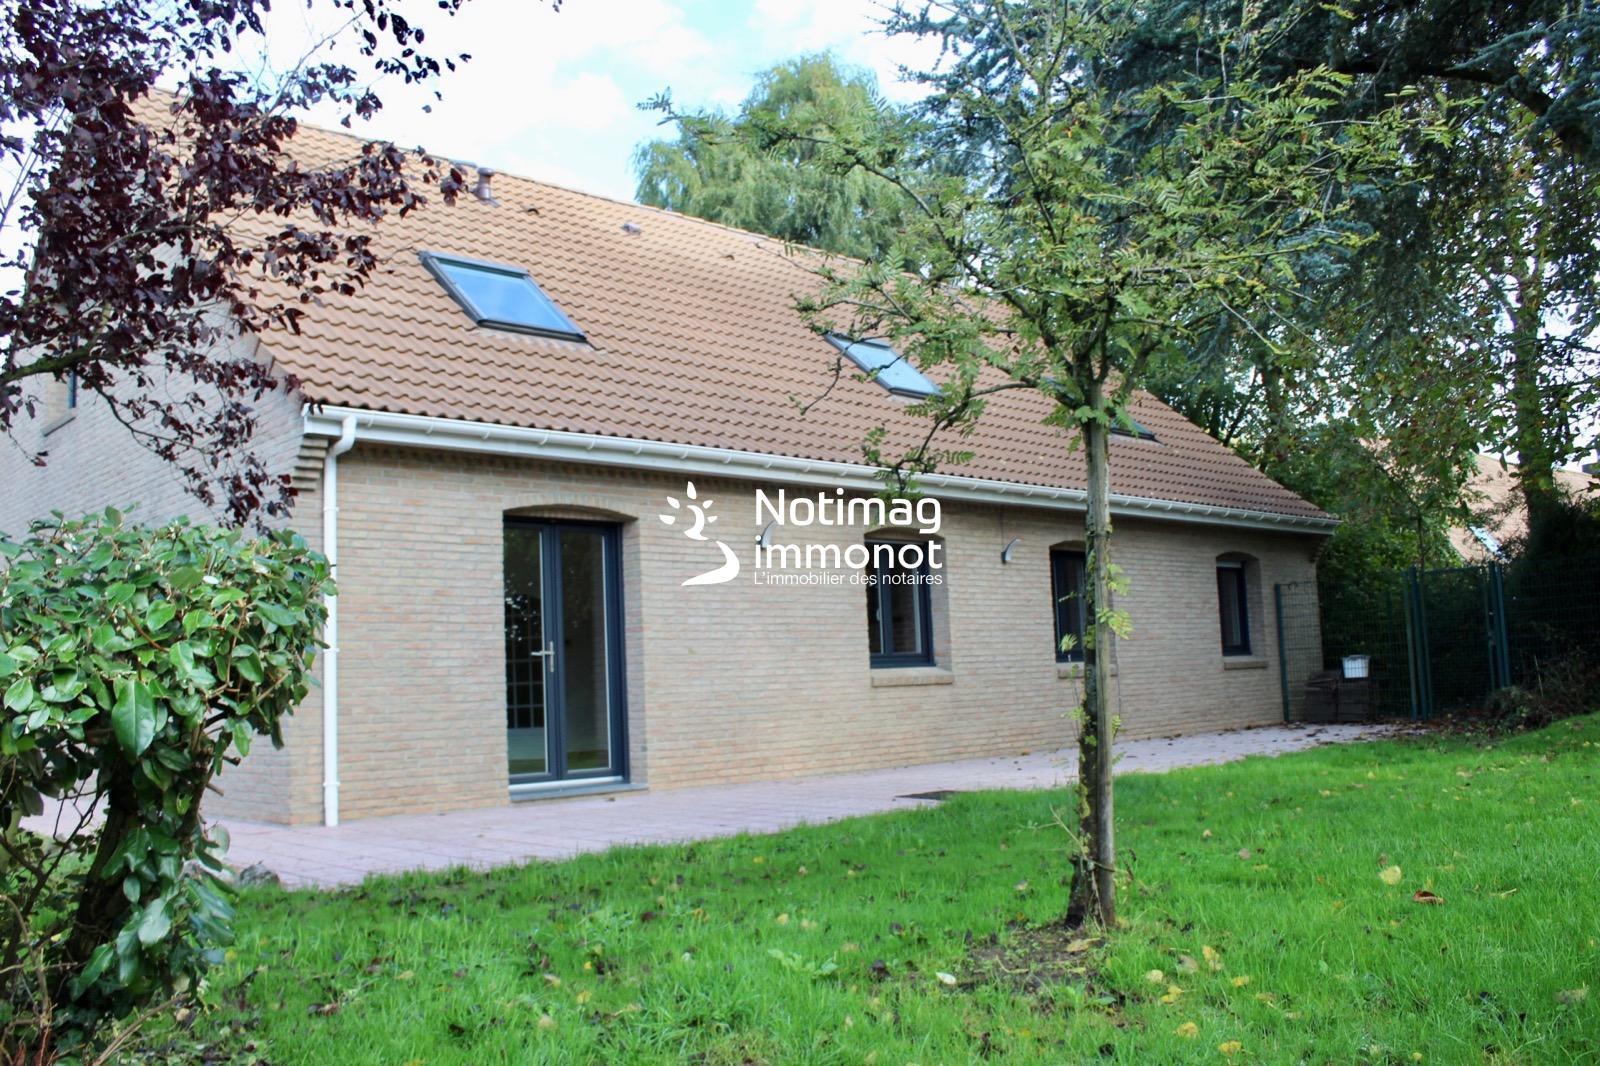 Maison A Vendre A Wormhout Nord 59 325 000 00